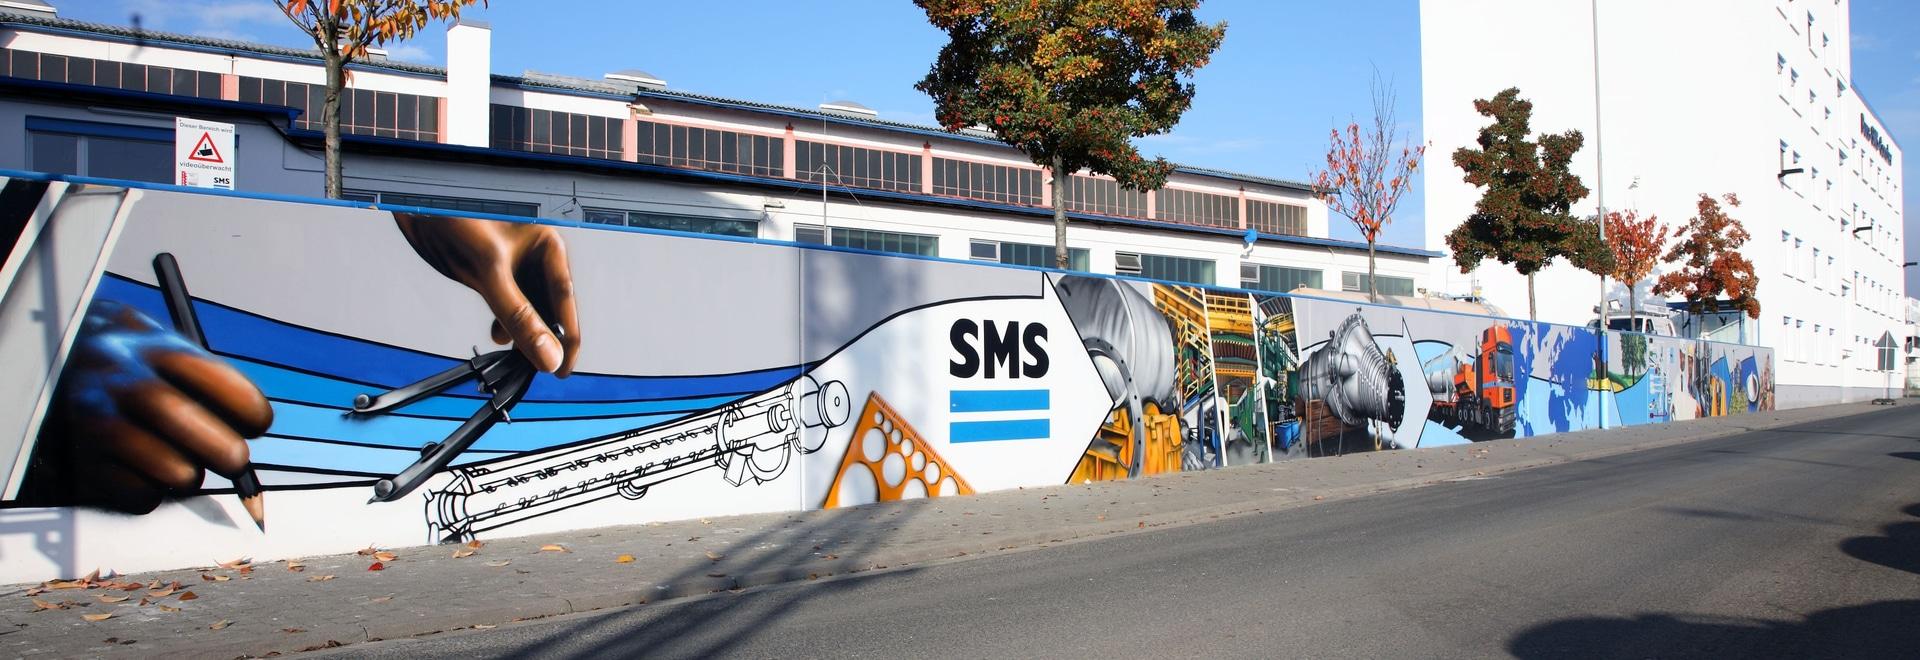 Sede central de Buss-SMS-Canzler en Butzbach